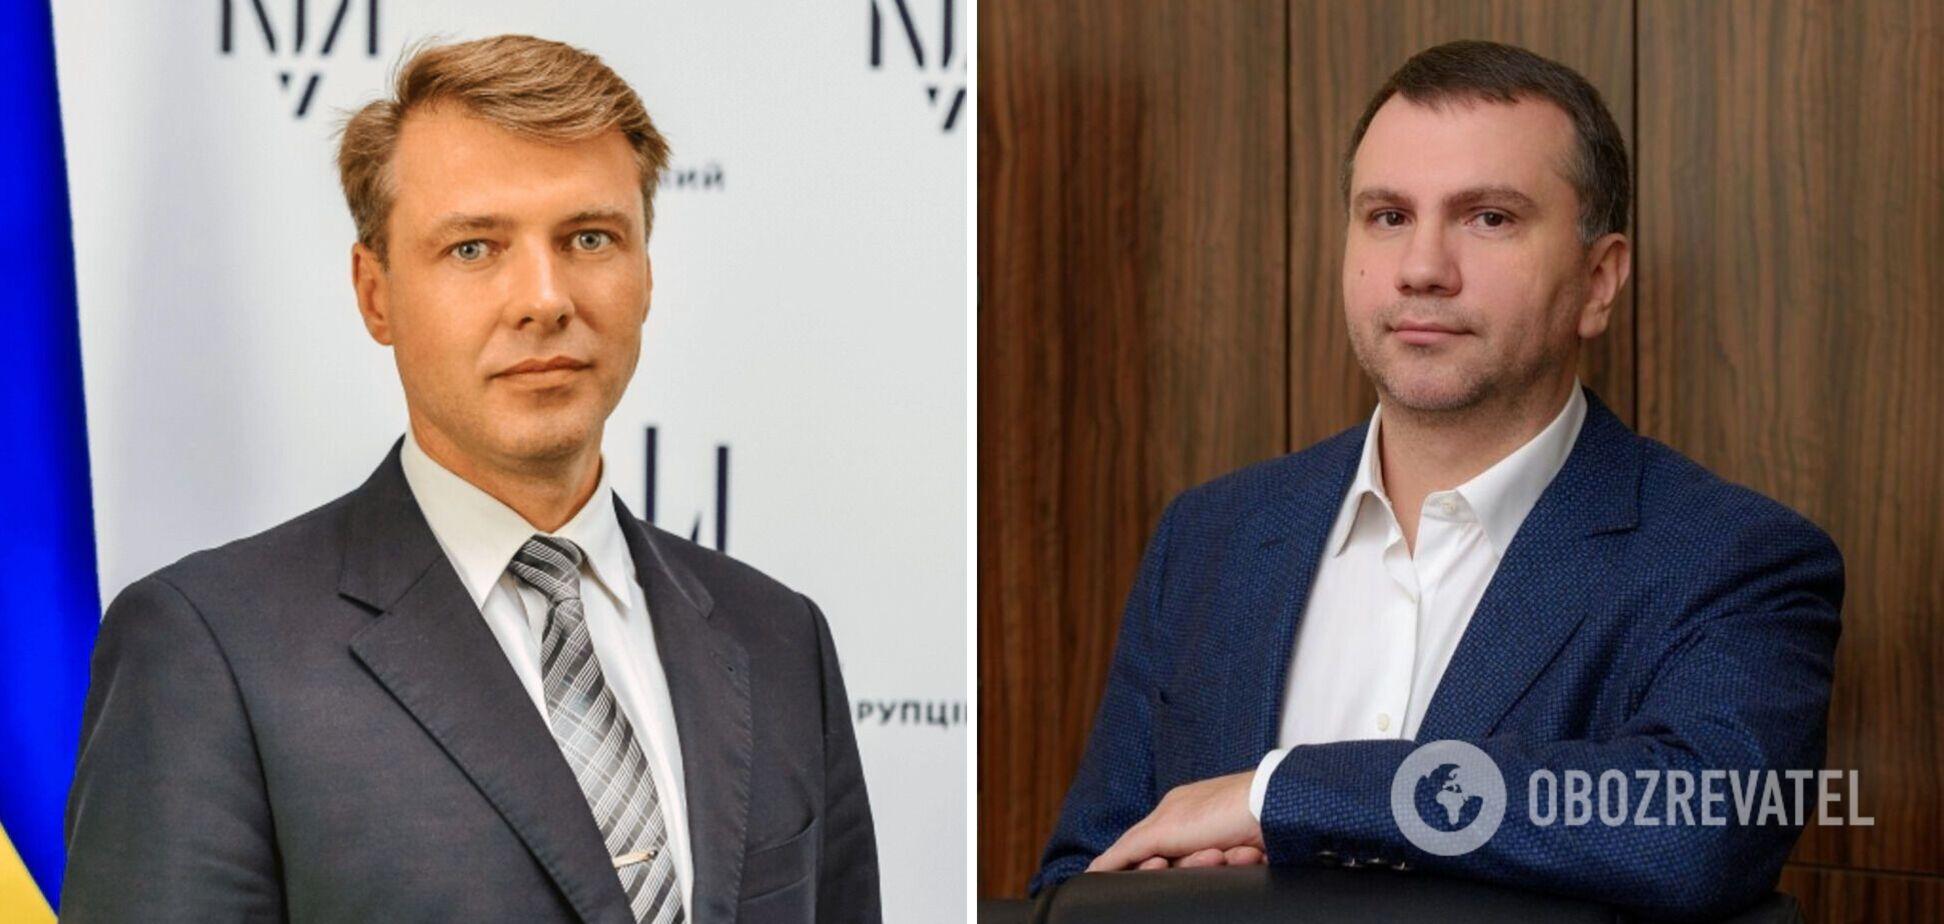 ВСП привлек к ответственности судью, разрешившего принудительные приводы Вовка